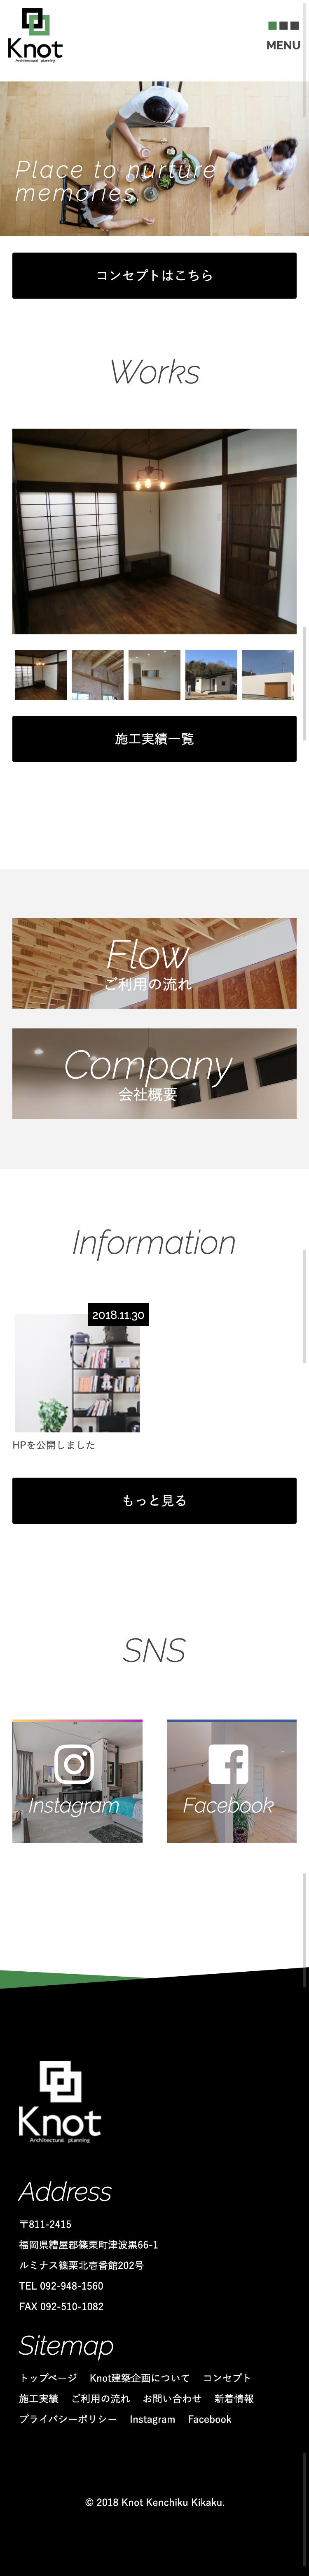 株式会社Knot建築企画様 ホームページ SP画像